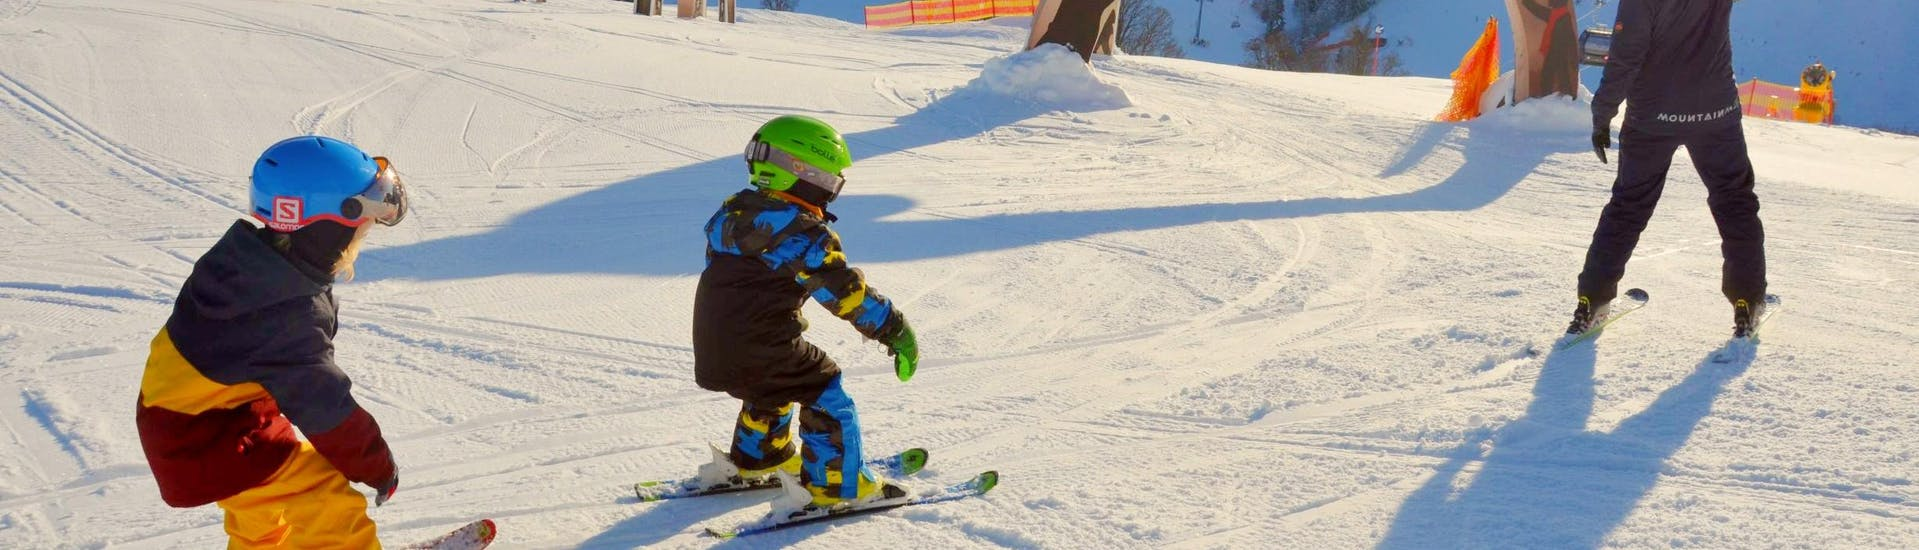 Kinder-Skikurs MAX 7 (ab 6 J.) für Kinder ab Basiskönnen